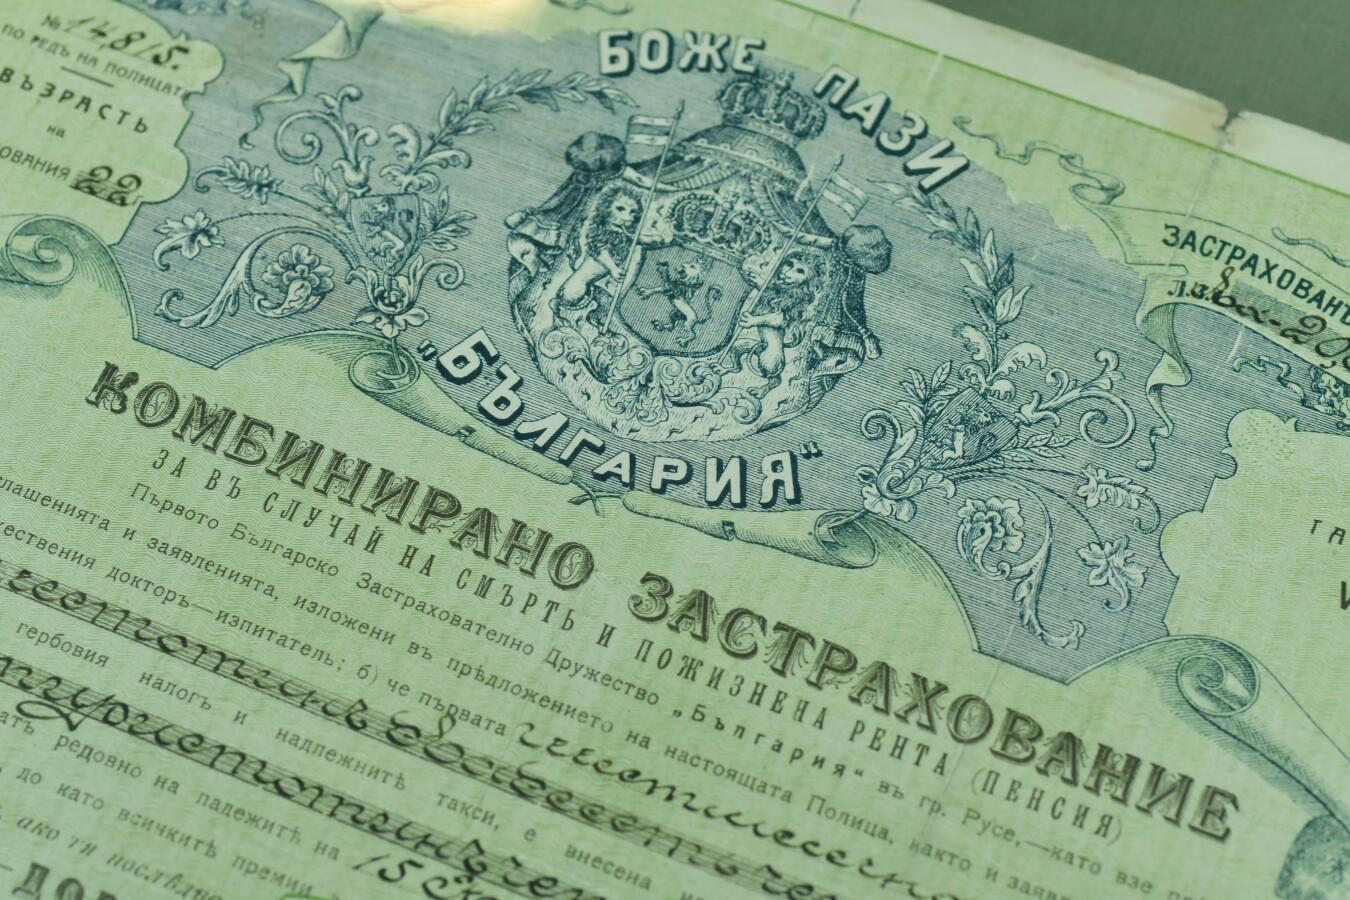 Застрахователен документ, 1924 г.